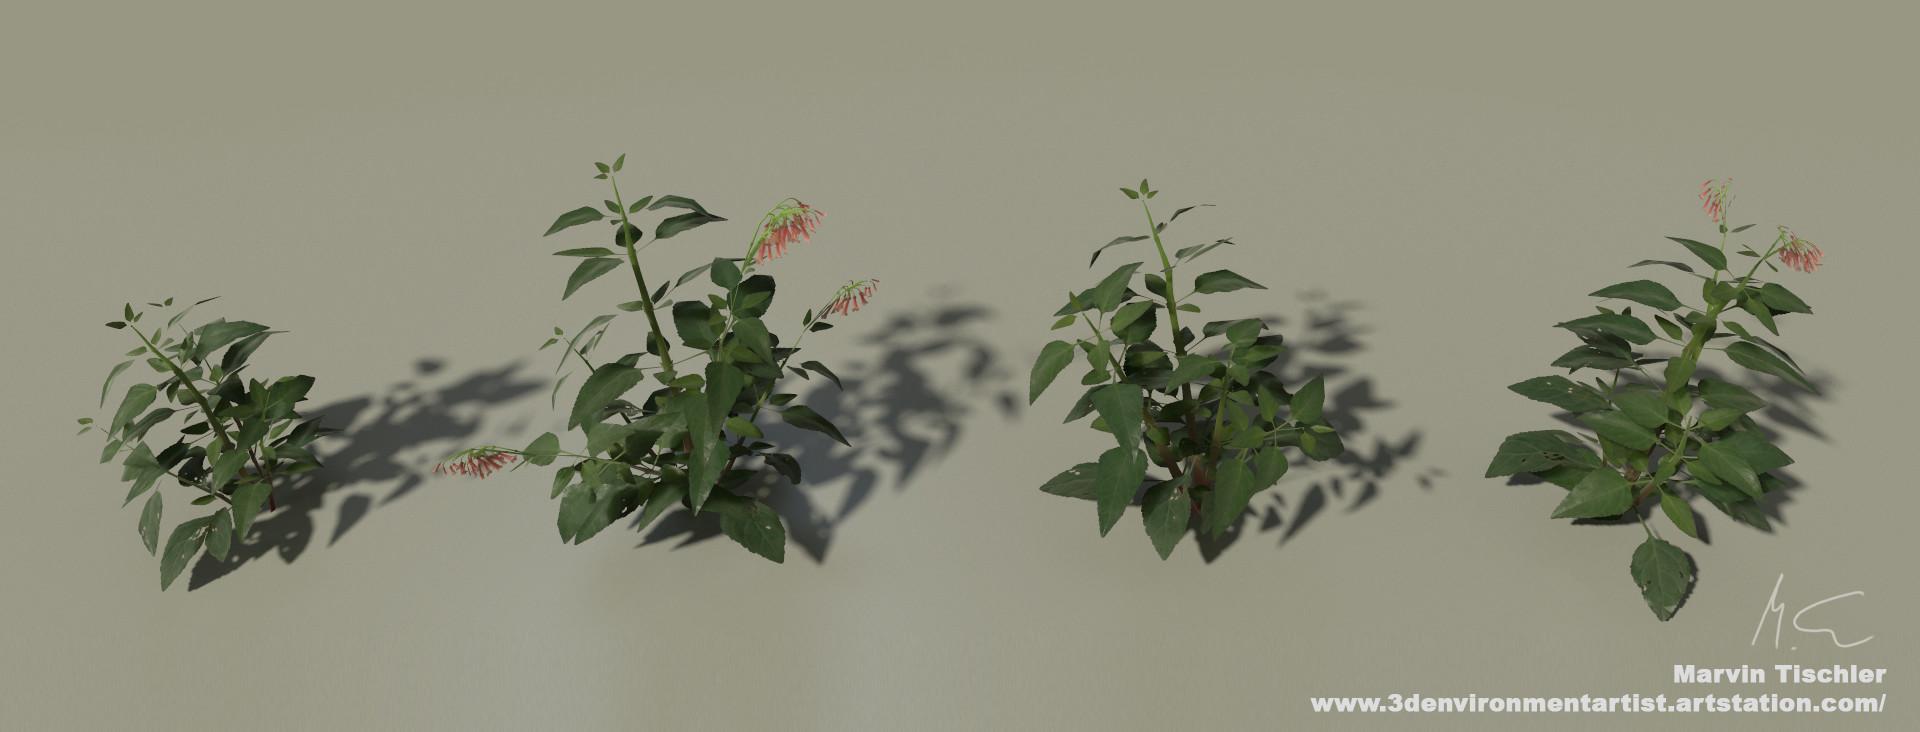 Marvin tischler plants 001 e